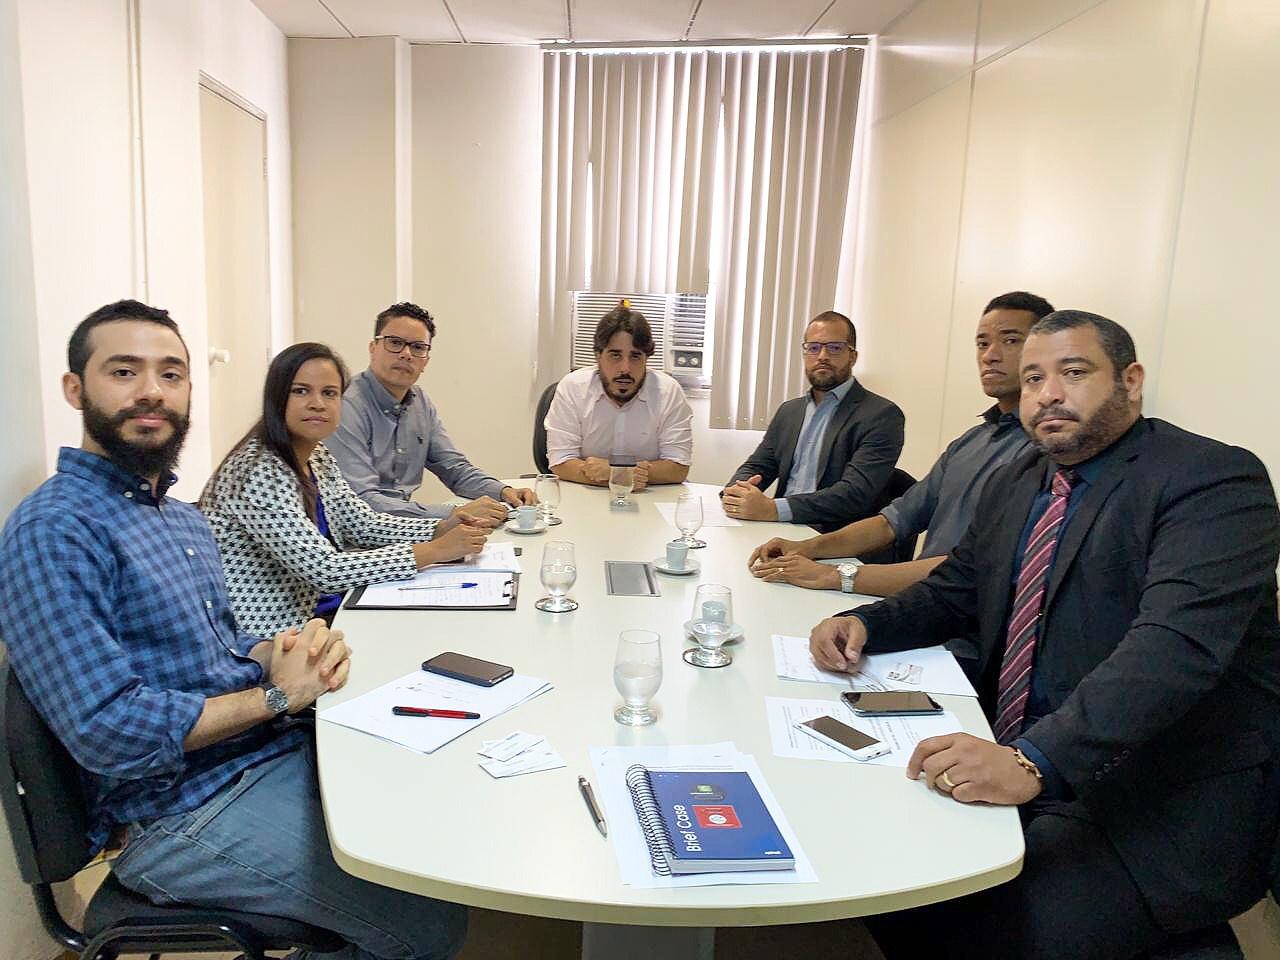 Operação farmácias: PROCON´s da Bahia realizam fiscalizações articuladas para garantir a defesa do consumidor no Estado